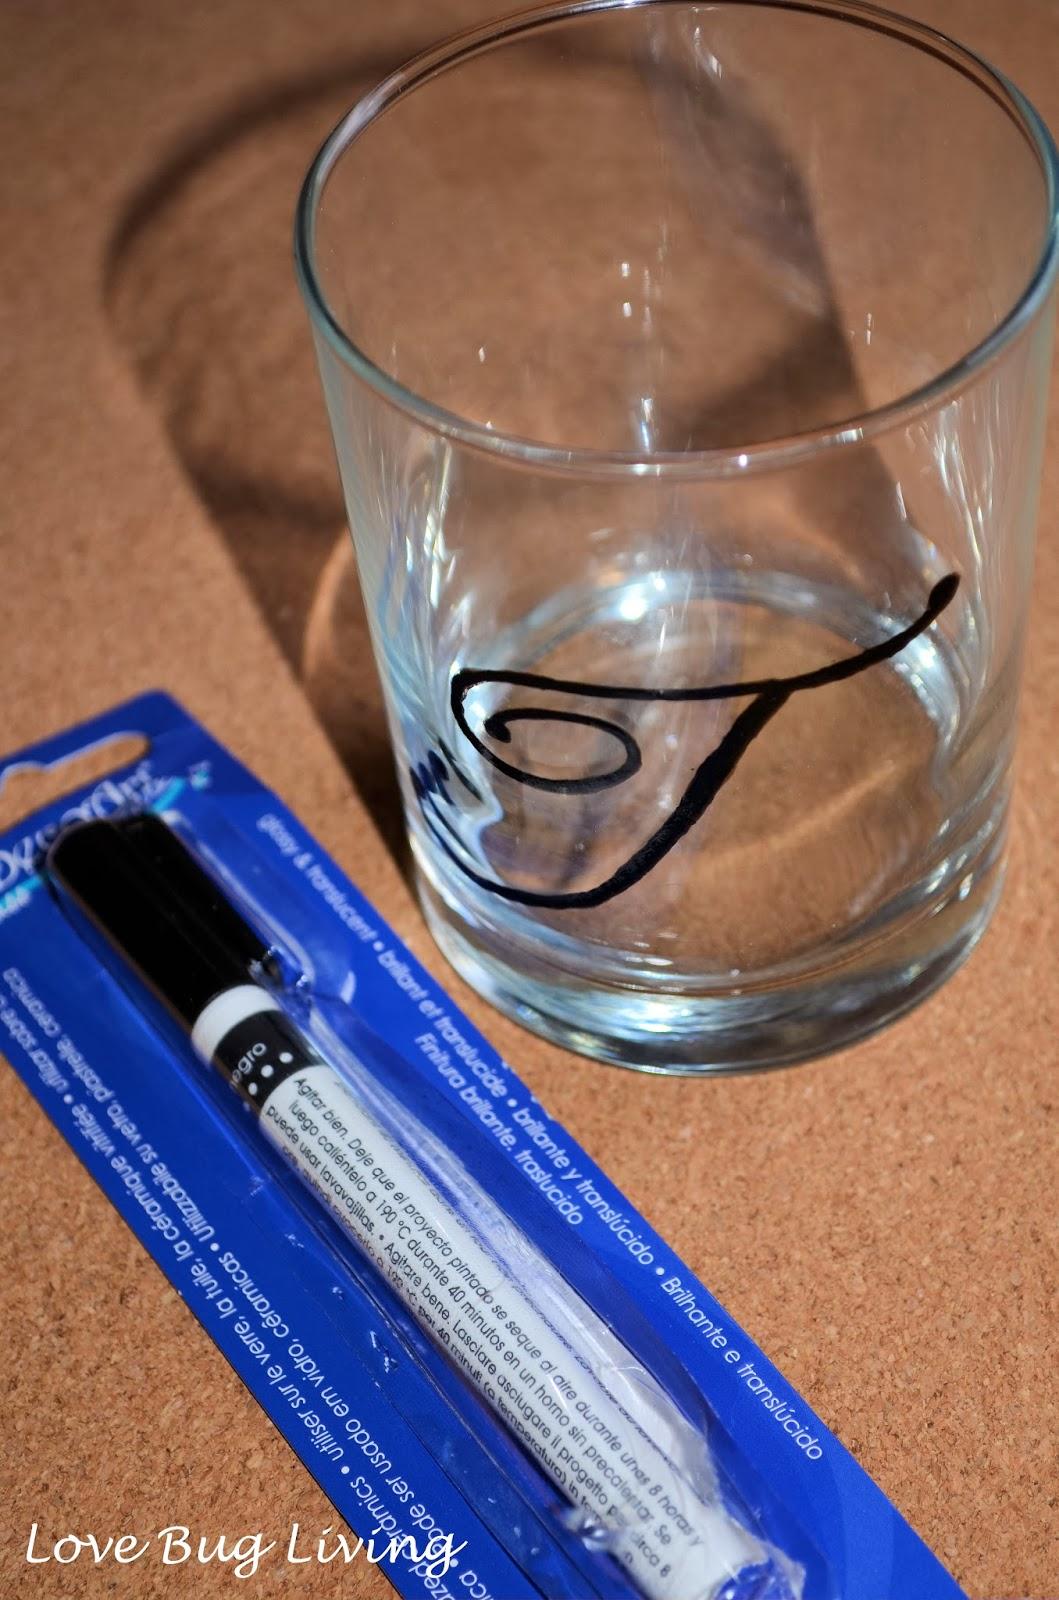 Love bug living monogram drink glasses for Enamel paint pens for glass